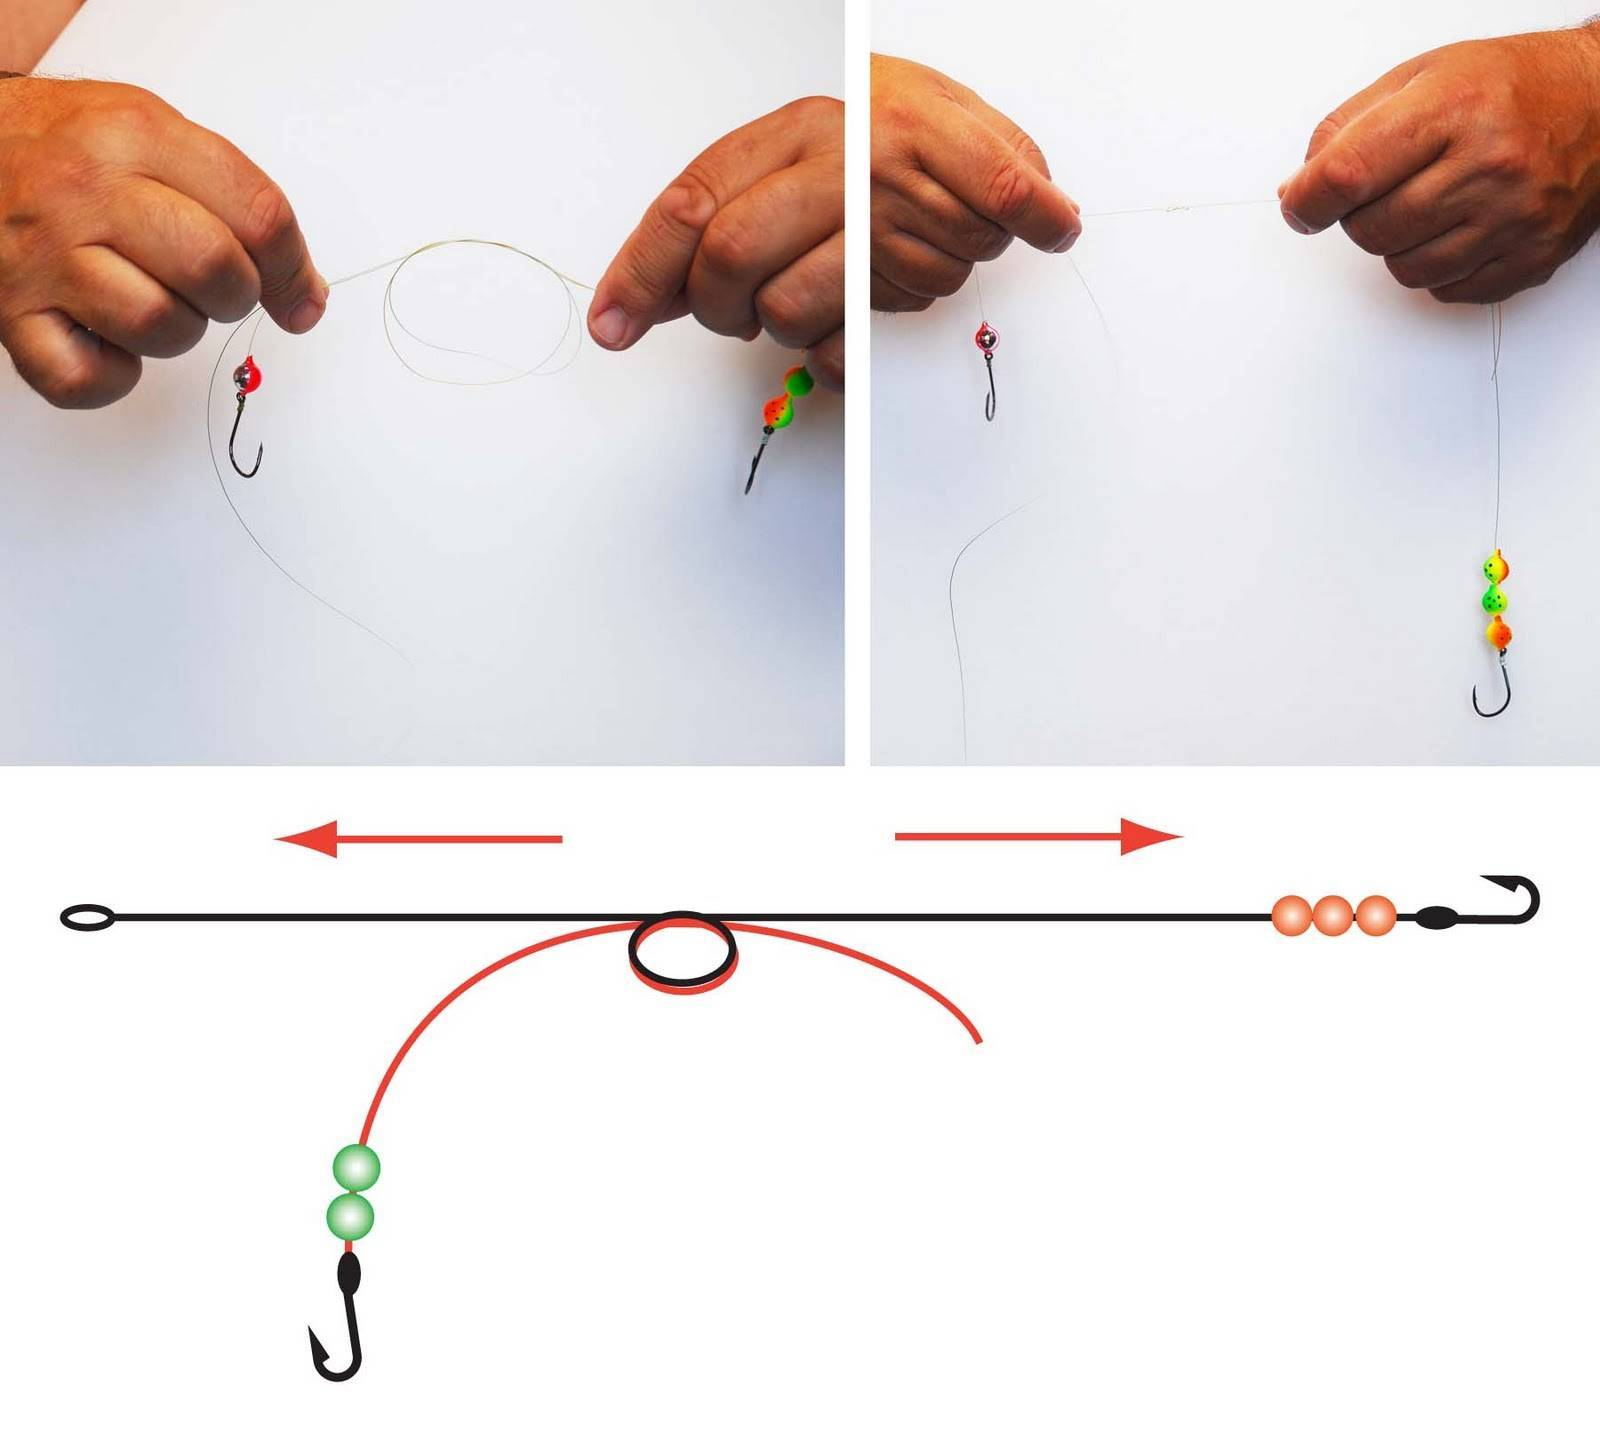 Поводок для спиннинга: как привязать к леске, способы сделать своими руками